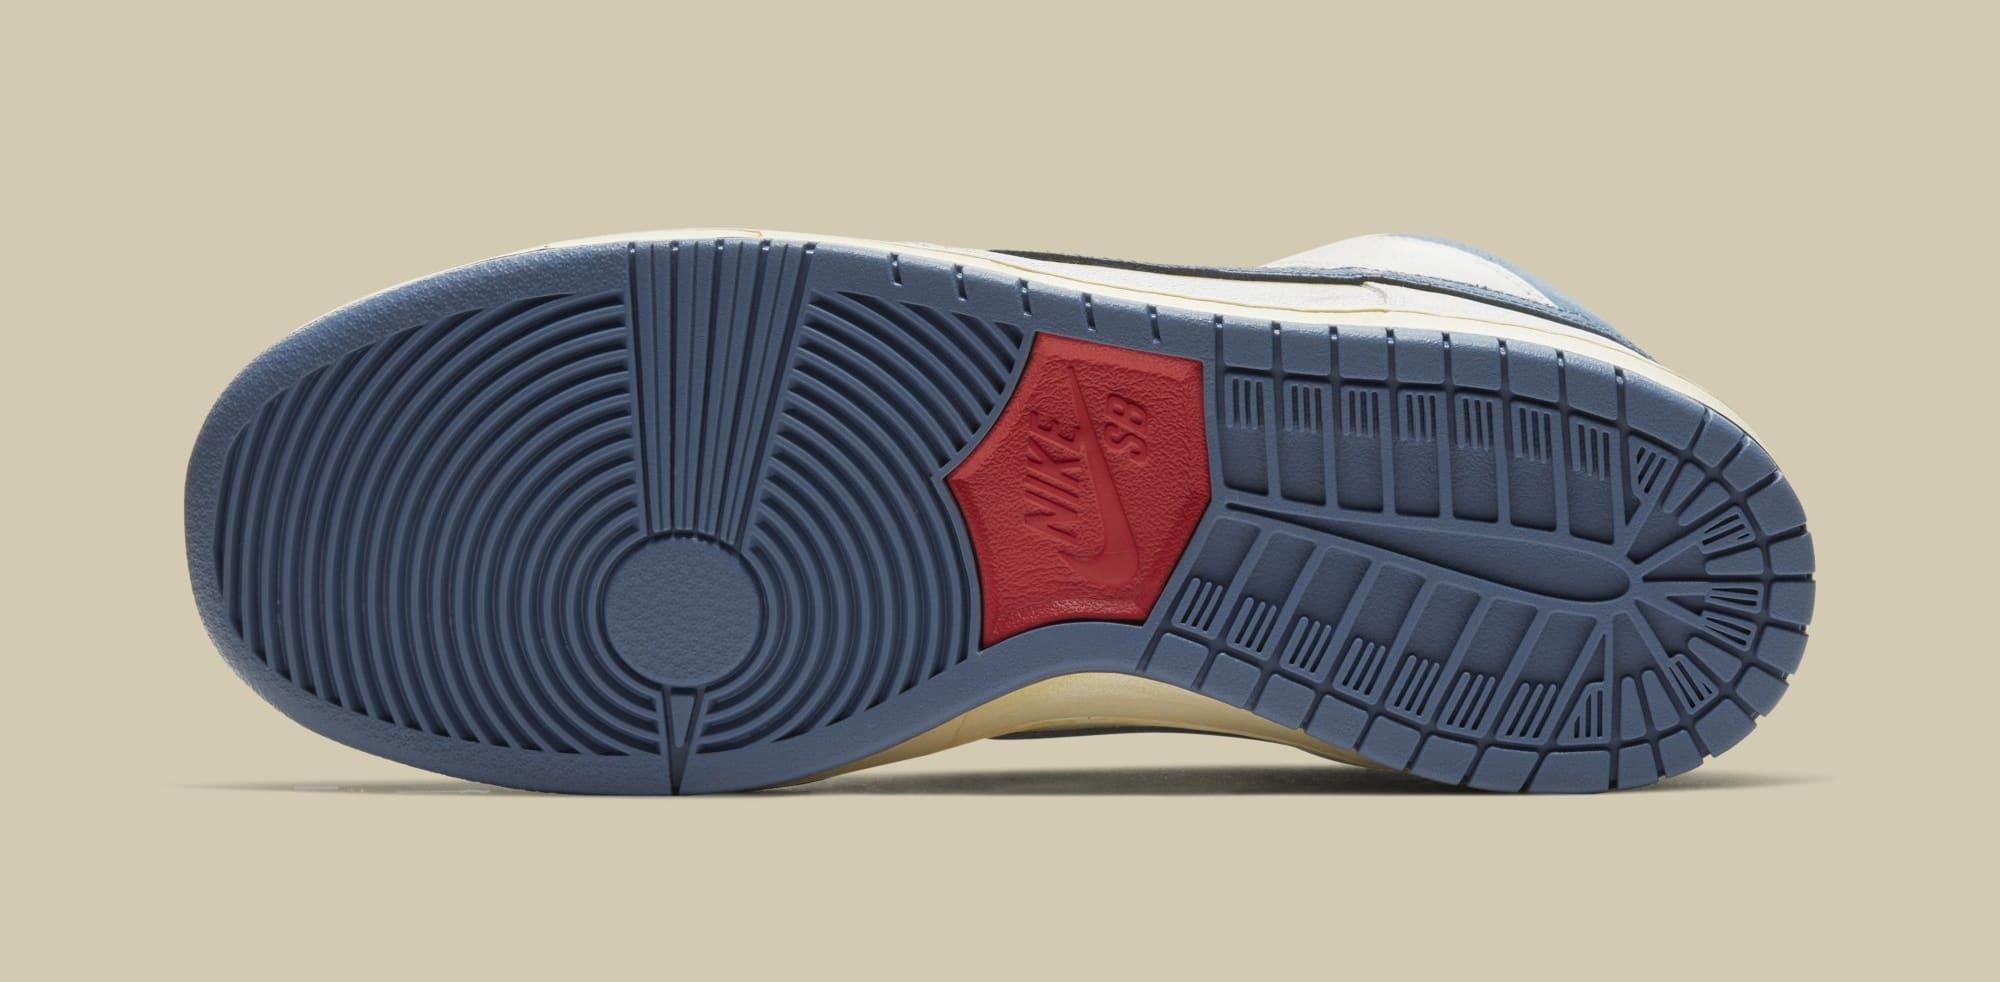 Atlas x Nike SB Dunk High CZ3334-100 Outsole